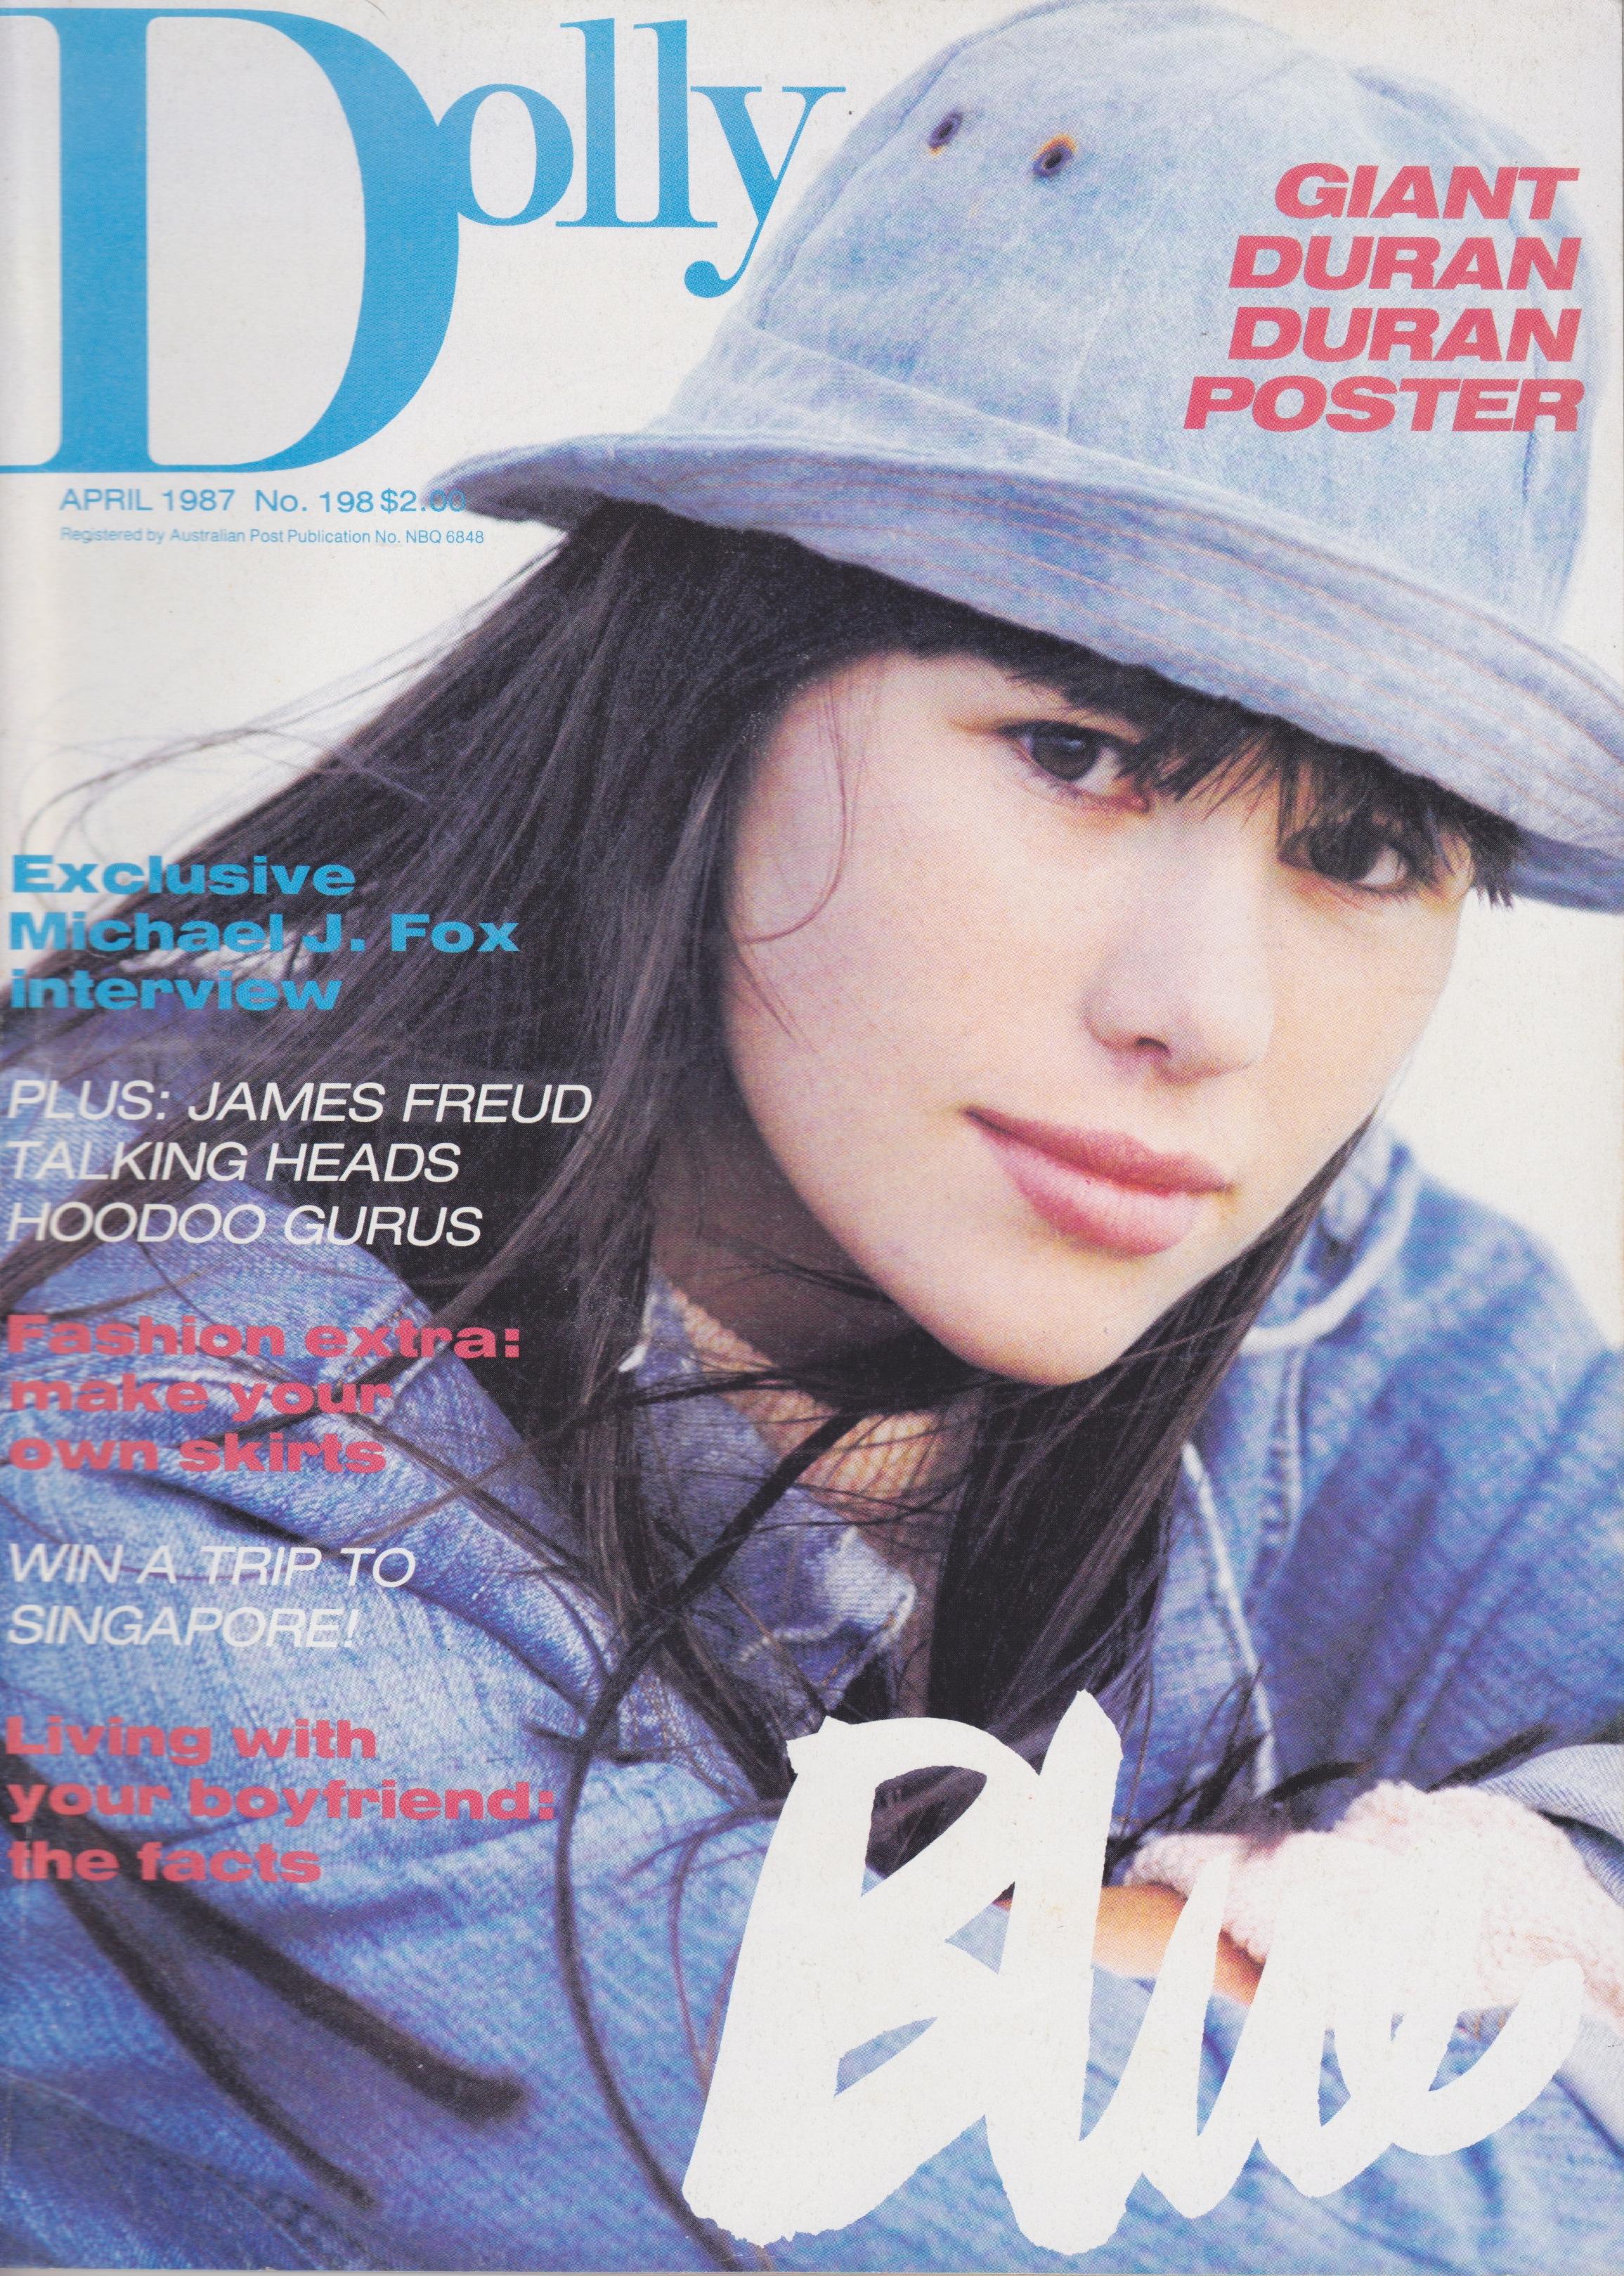 Dolly Magazine (Australia Day)